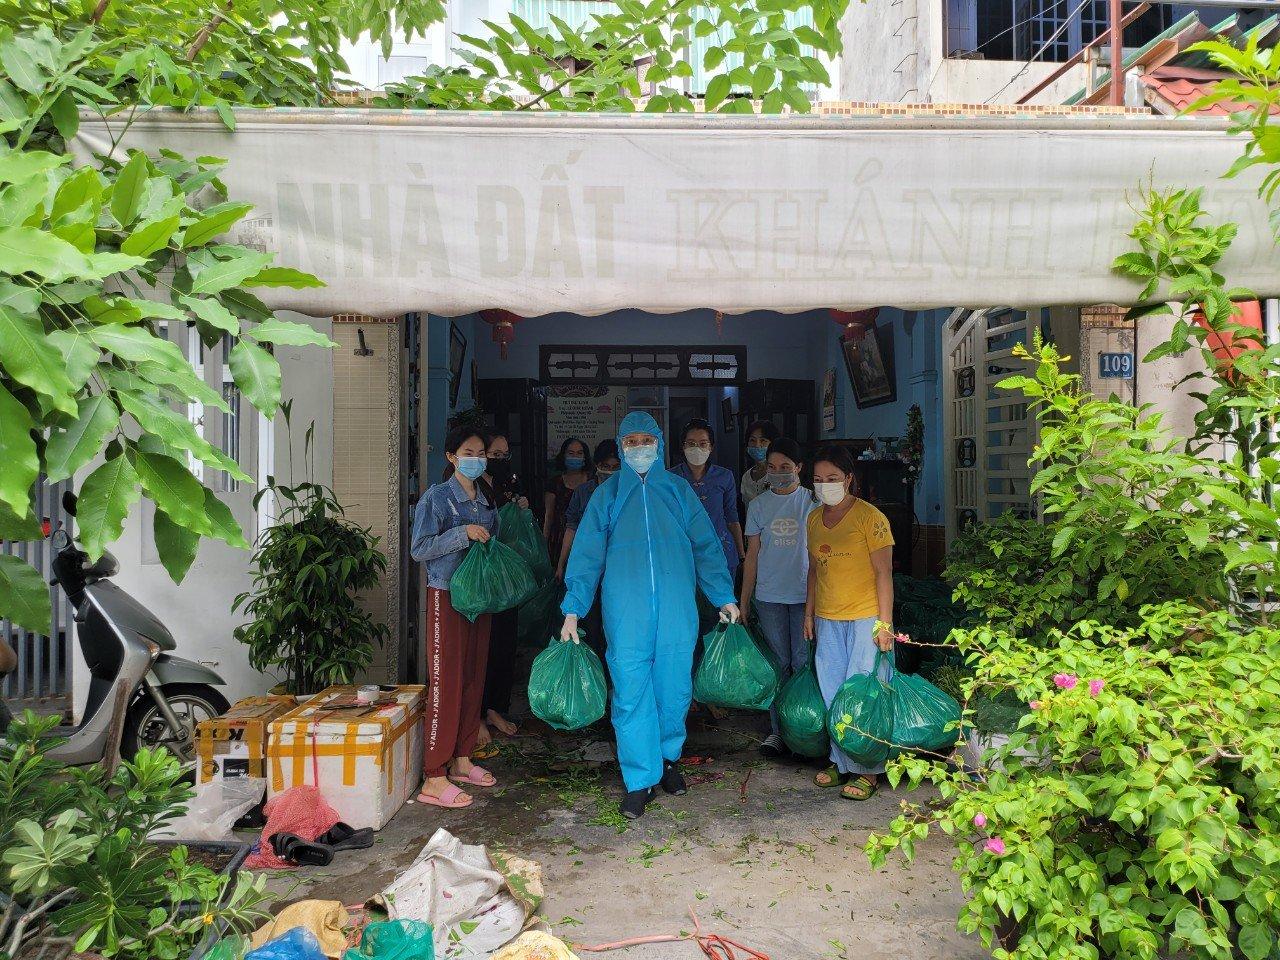 Đà Nẵng: Chùa Tân Thành 2 lần hỗ trợ rau củ quả đến bà con bị phong tỏa tại quận Sơn Trà